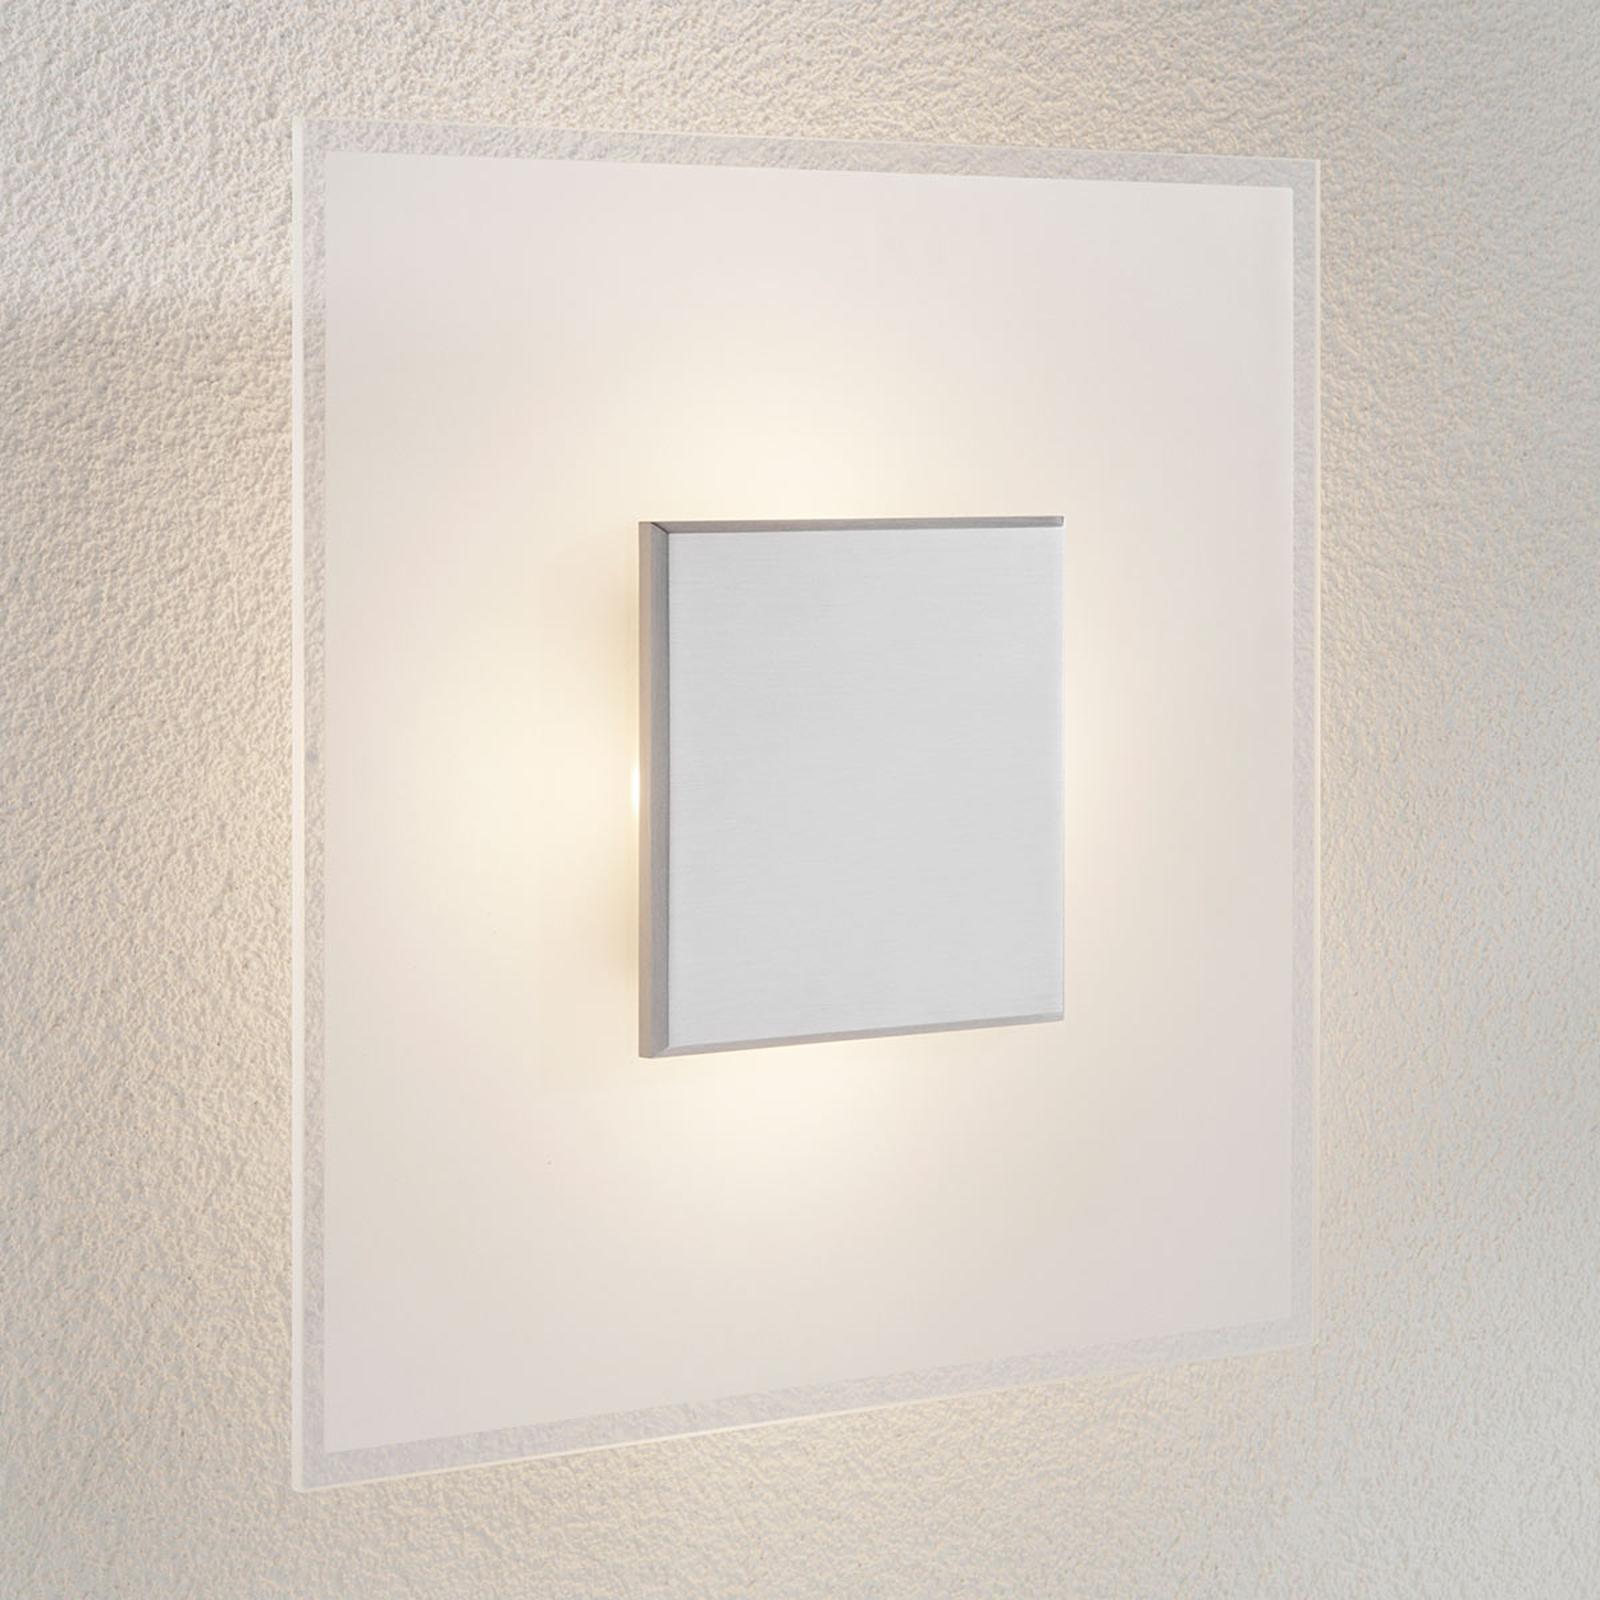 Applique LED Lole dimmable en verre